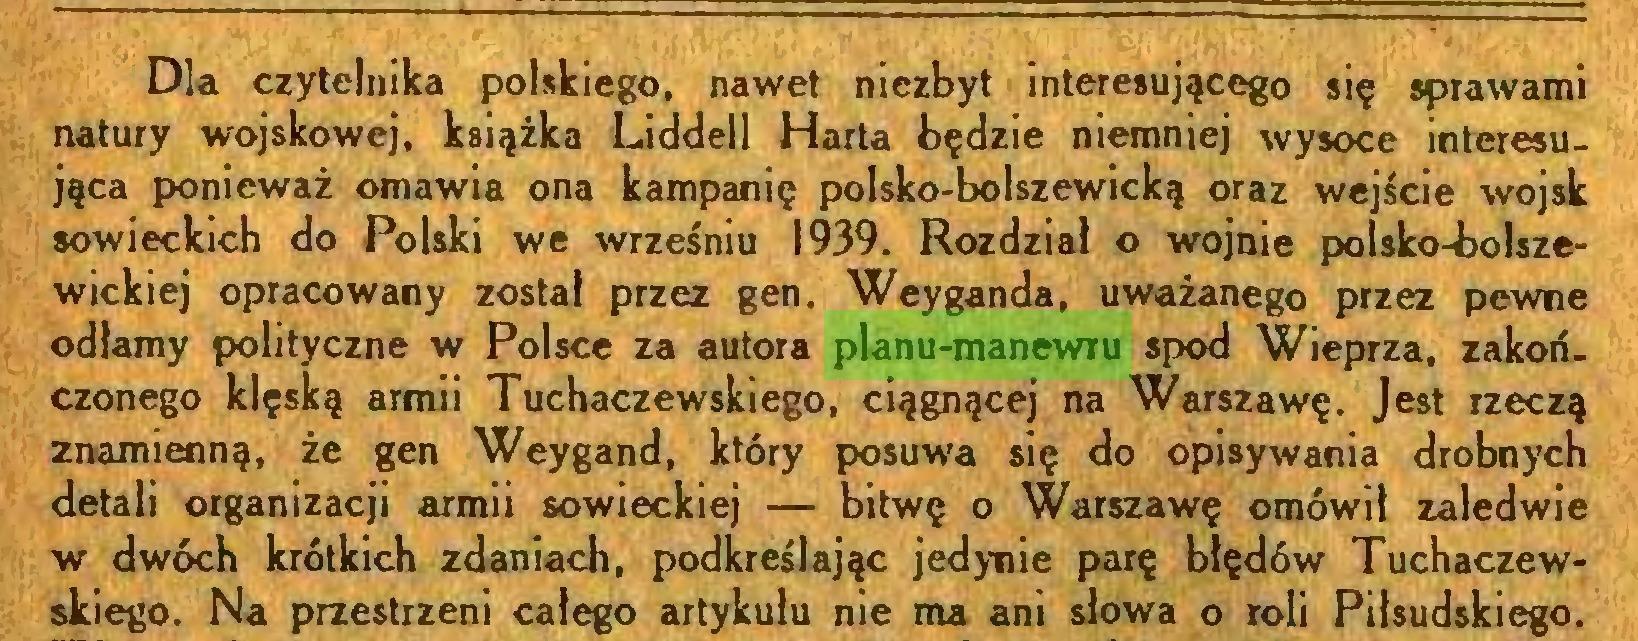 (...) Dla czytelnika polskiego, nawet niezbyt interesującego się sprawami natury wojskowej, książka Liddell Harta będzie niemniej wysoce interesująca ponieważ omawia ona kampanię polsko-bolszewicką oraz wejście wojsk sowieckich do Polski we wrześniu 1939. Rozdział o wojnie polsko-bolszewickiej opracowany został przez gen. Weyganda, uważanego przez pewne odłamy polityczne w Polsce za autora planu-manewru spod Wieprza, zakończonego klęską armii Tuchaczewskiego, ciągnącej na Warszawę. Jest rzeczą znamienną, że gen Weygand, który posuwa się do opisywania drobnych detali organizacji armii sowieckiej — bitwę o Warszawę omówił zaledwie w dwóch krótkich zdaniach, podkreślając jedynie parę błędów Tuchaczewskiego. Na przestrzeni całego artykułu nie ma ani słowa o roli Piłsudskiego...